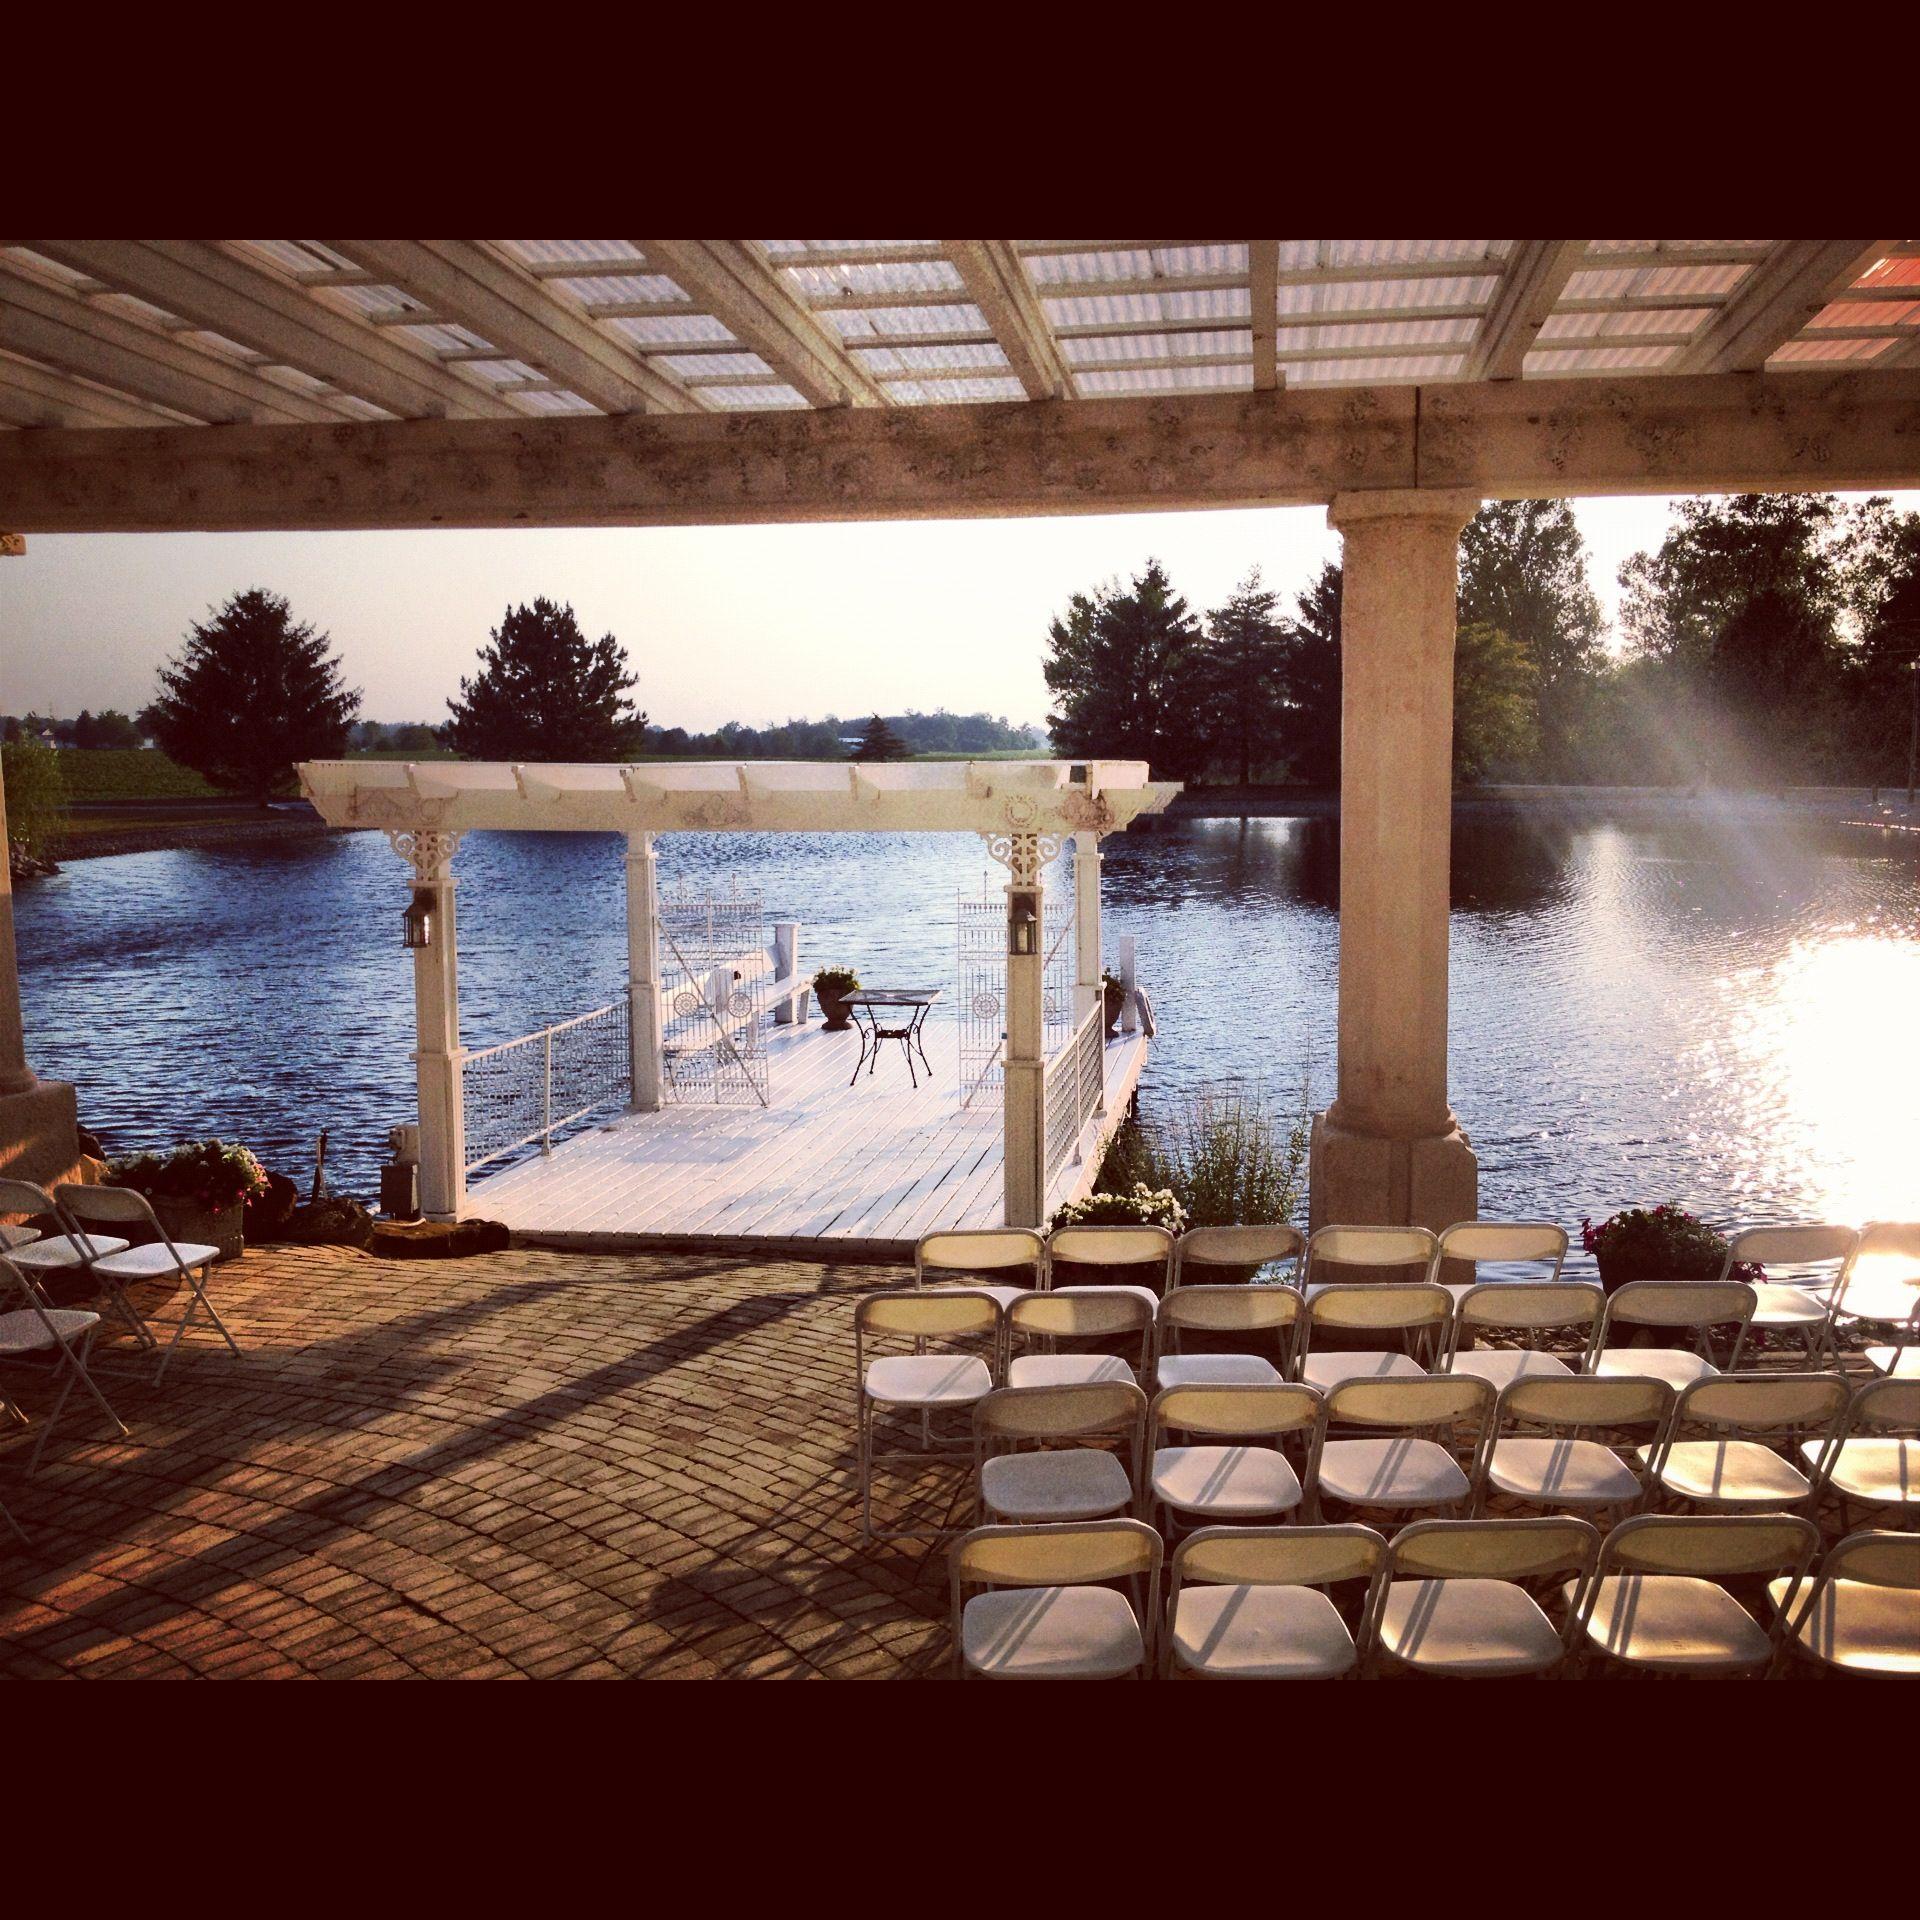 SoSerene outdoor wedding venue Wapakoneta Ohio 1 Pinterest